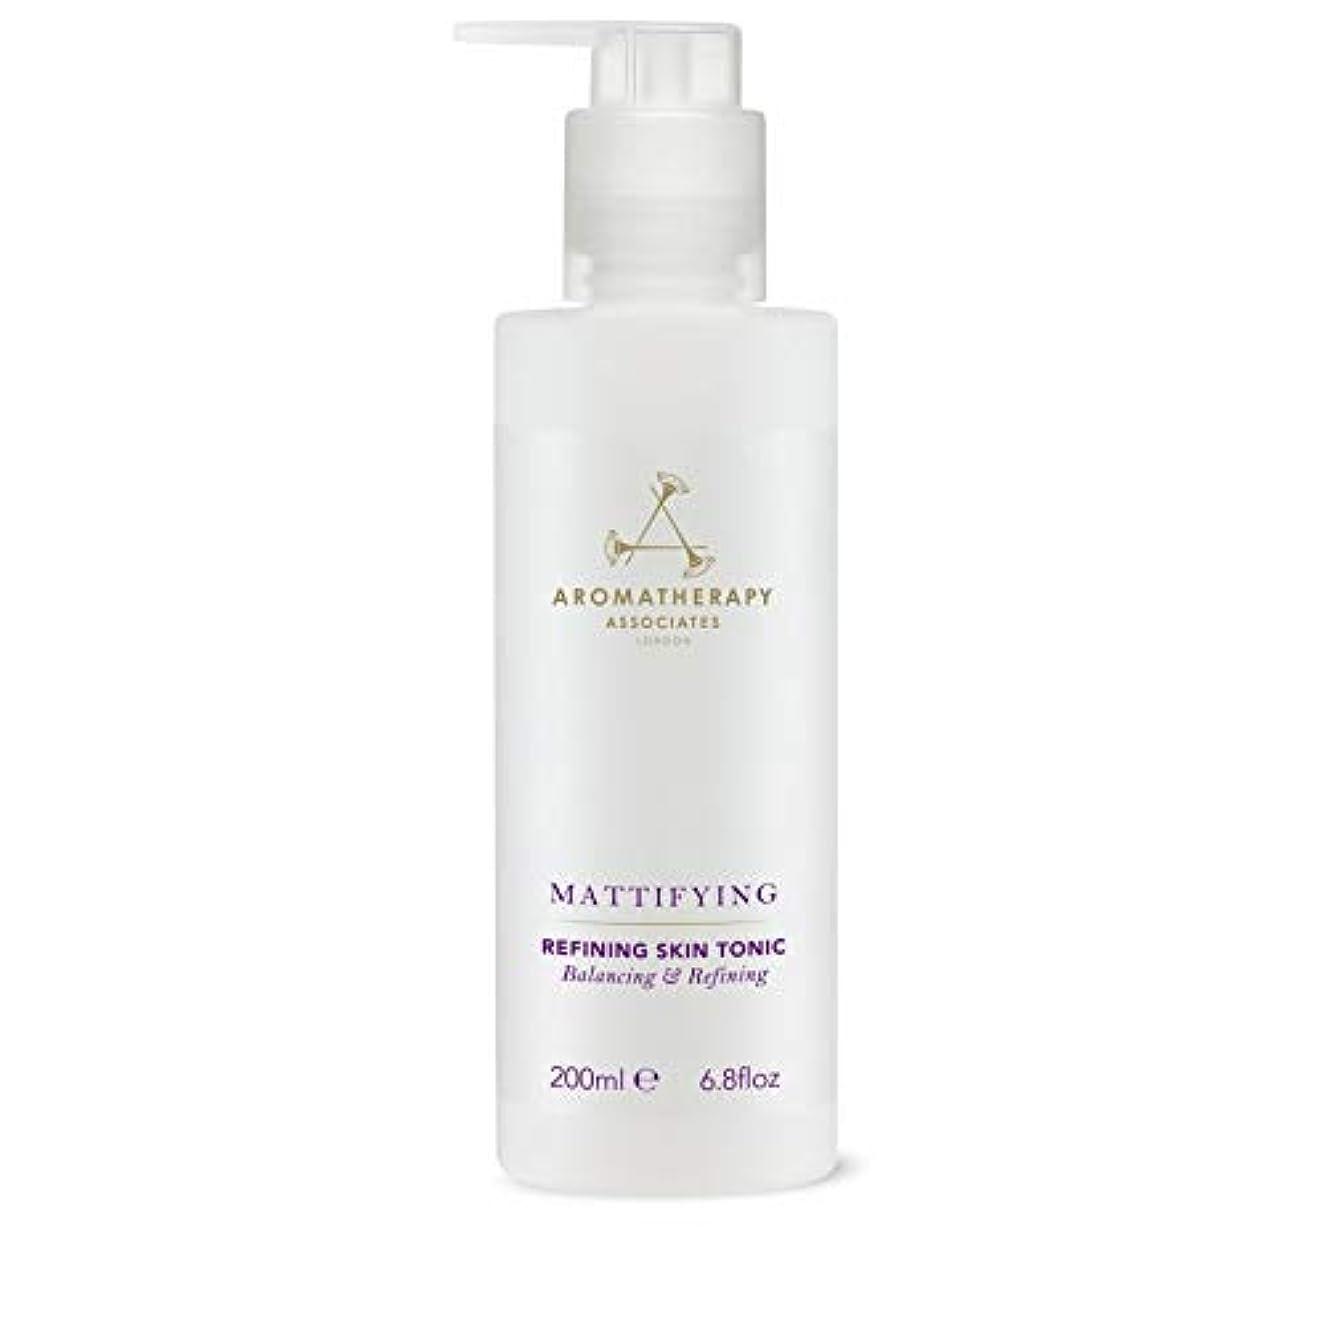 対角線士気上流の[Aromatherapy Associates ] アロマセラピーアソシエイツ精錬皮膚の強壮剤、アロマセラピーアソシエイツ - Aromatherapy Associates Refining Skin Tonic,...